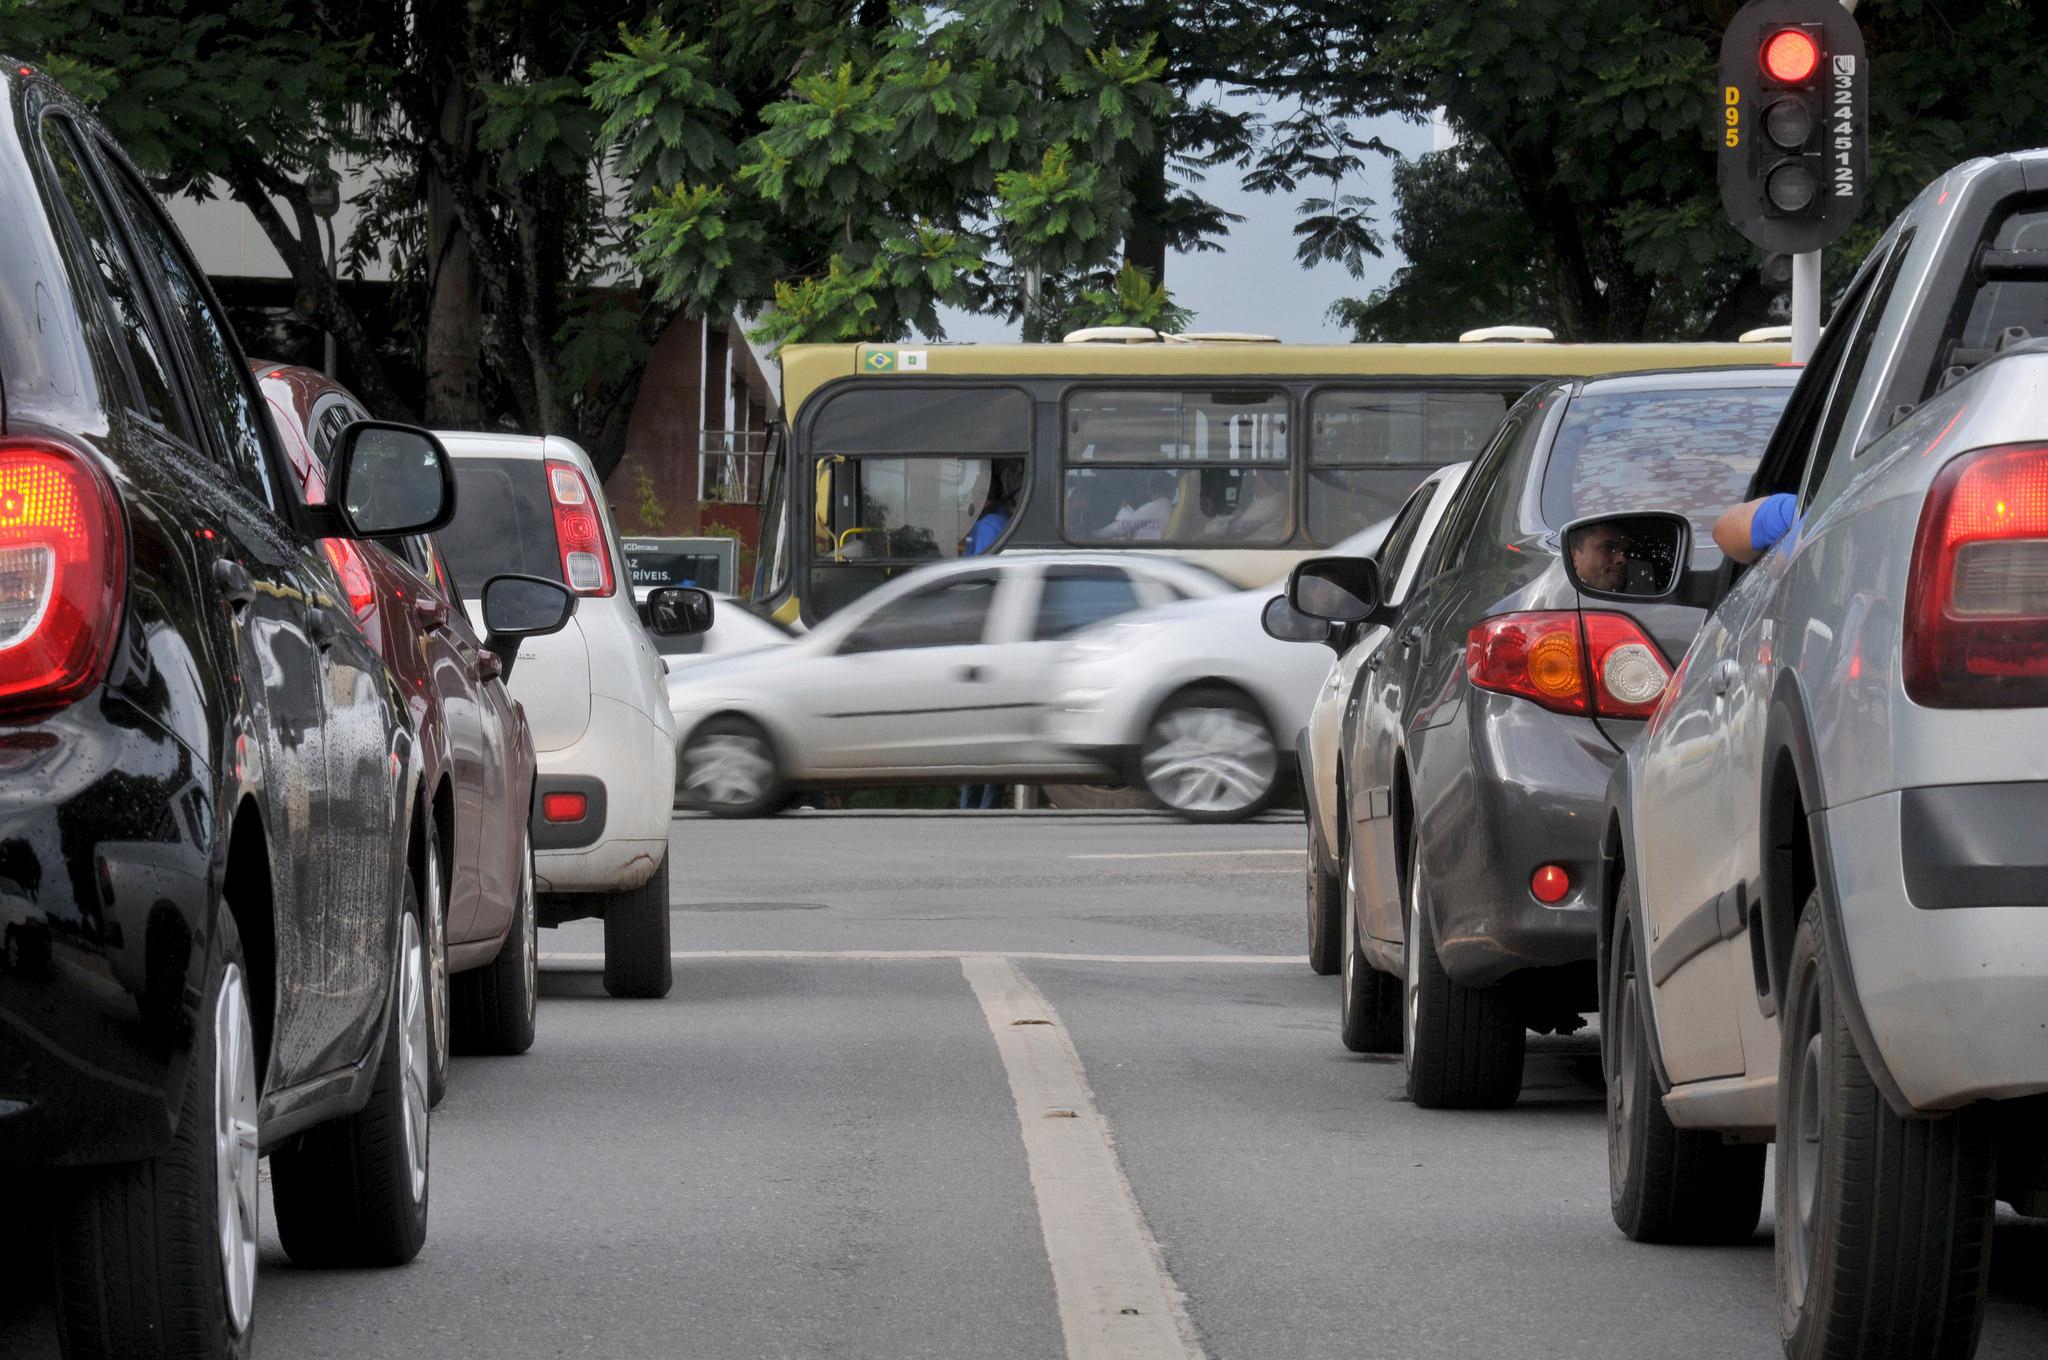 Transporte - carros - trânsito cruzamentos semáforos mobilidade urbana